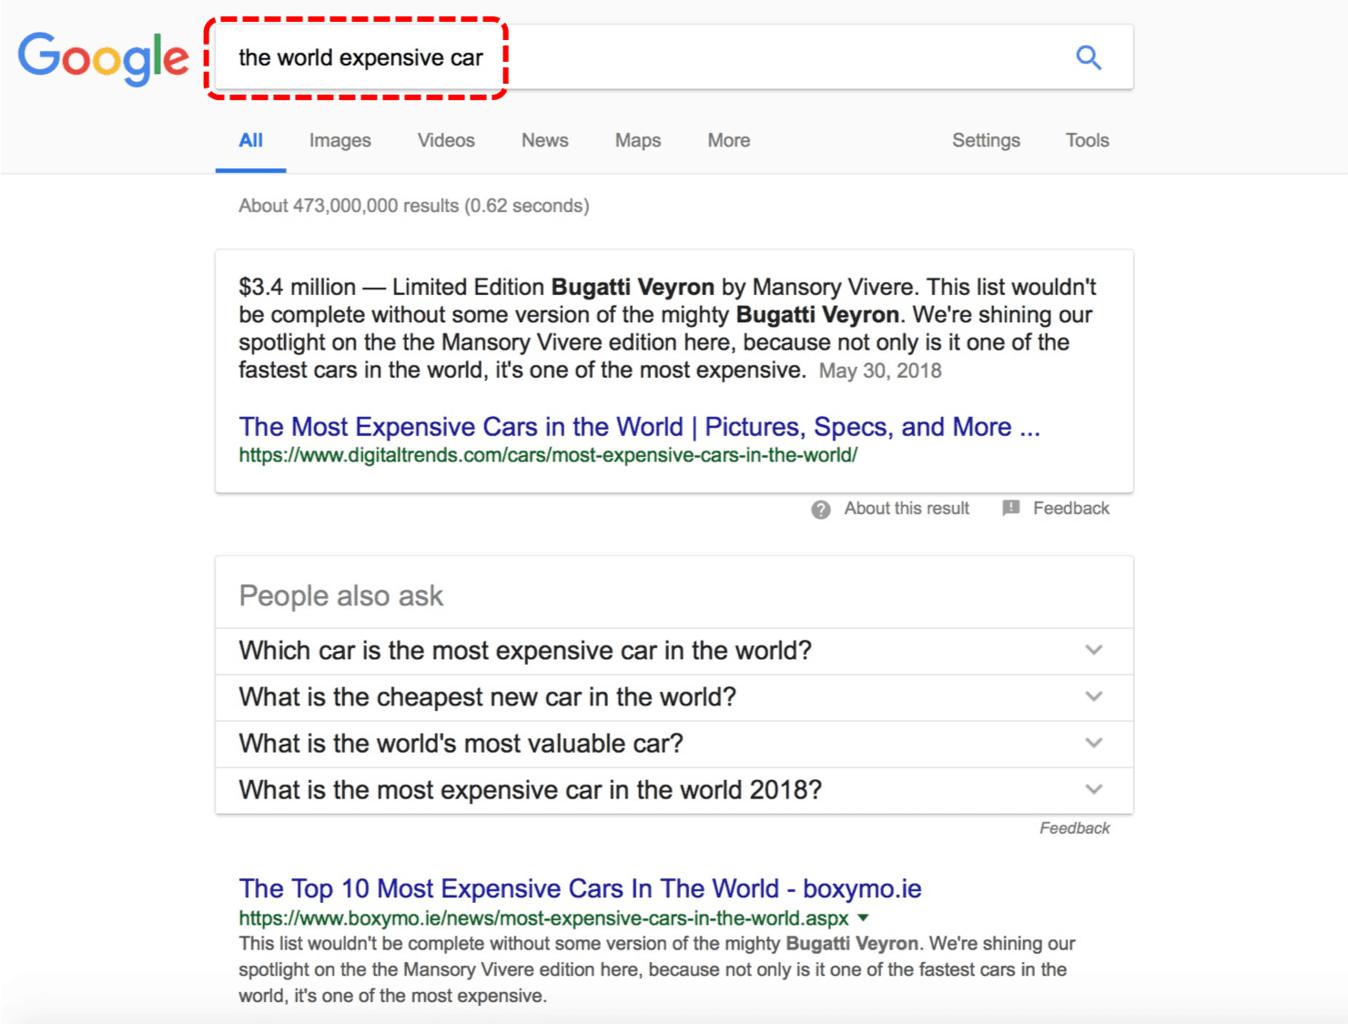 구글 검색 결과 페이지